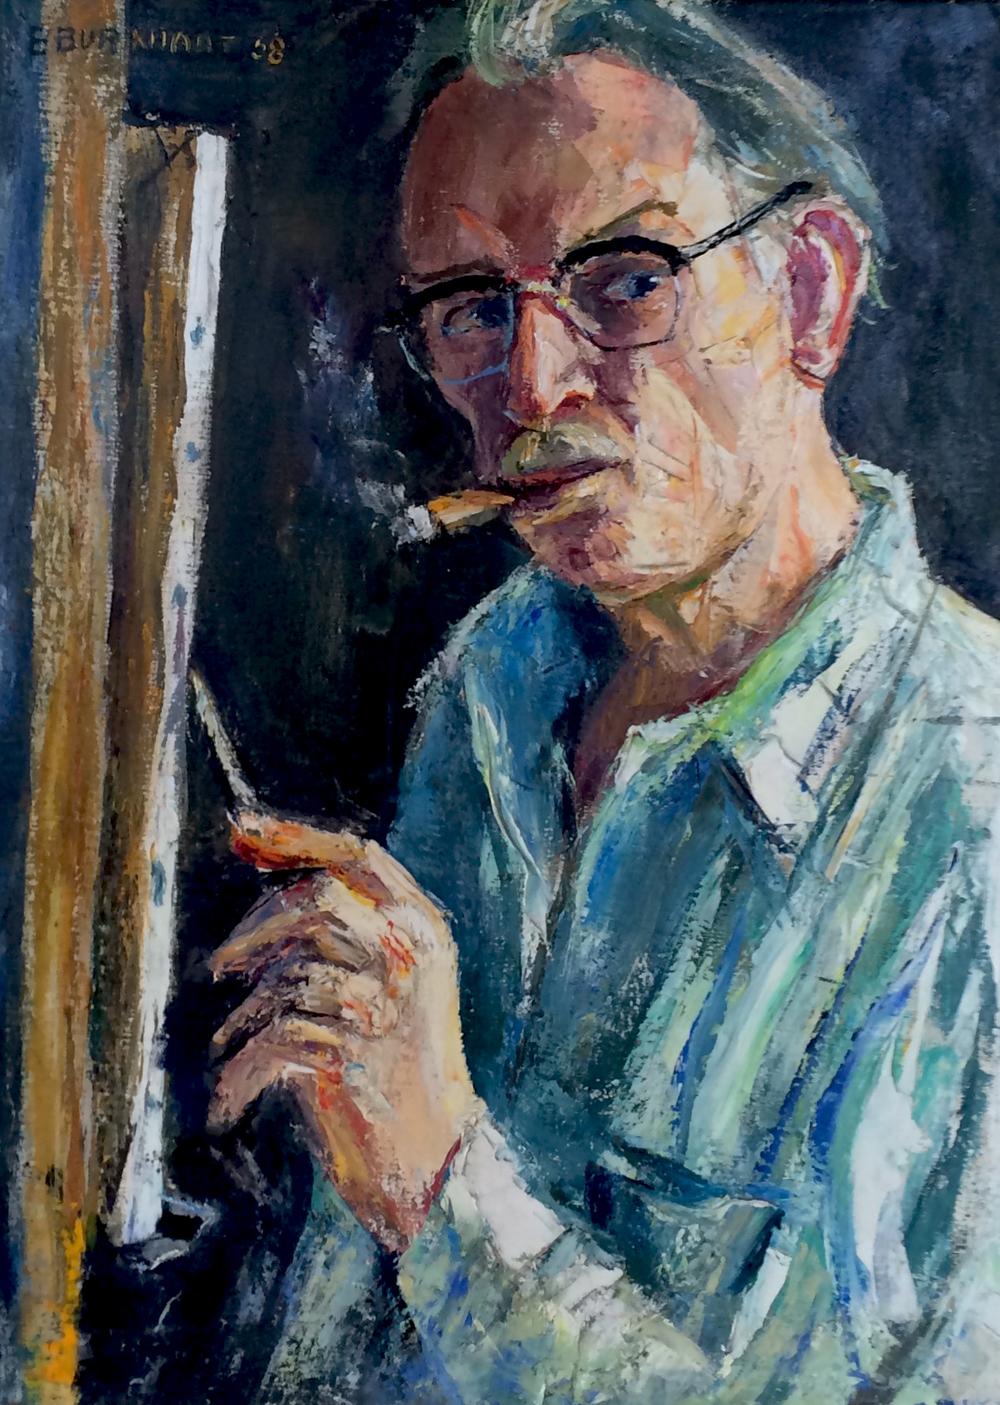 Emerson Burkhart